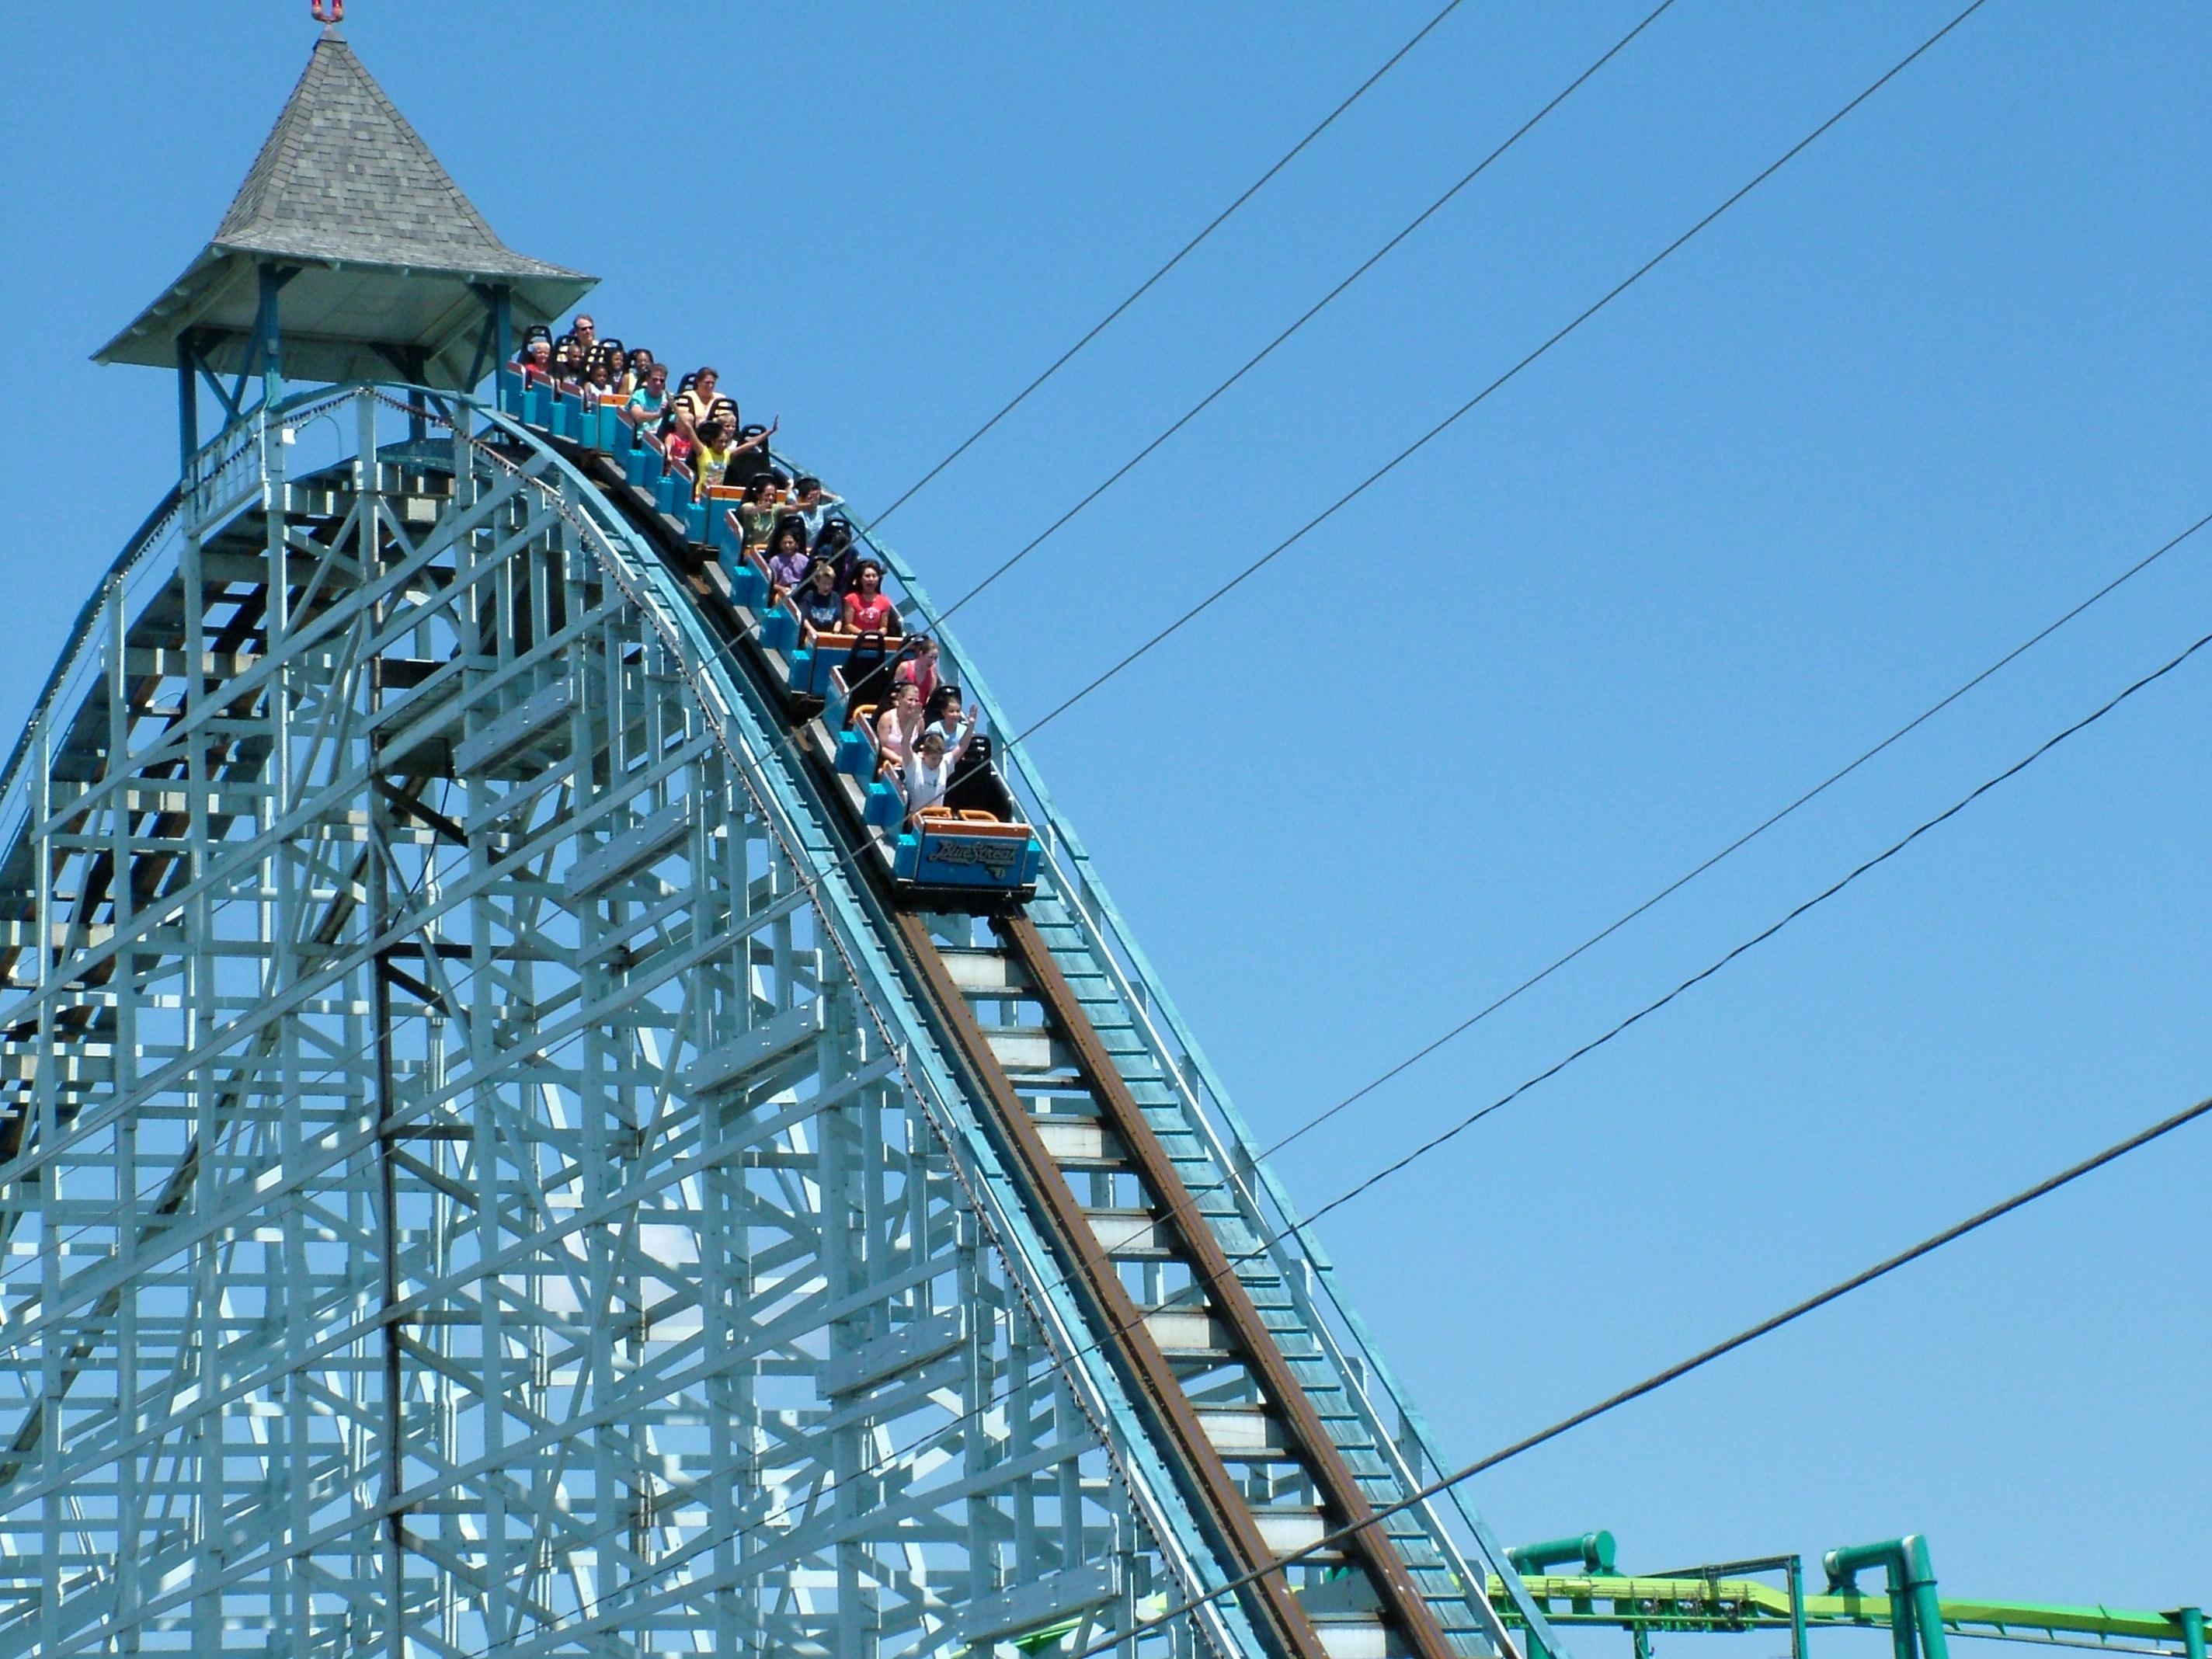 Blue Streak Cedar Point Wikipedia